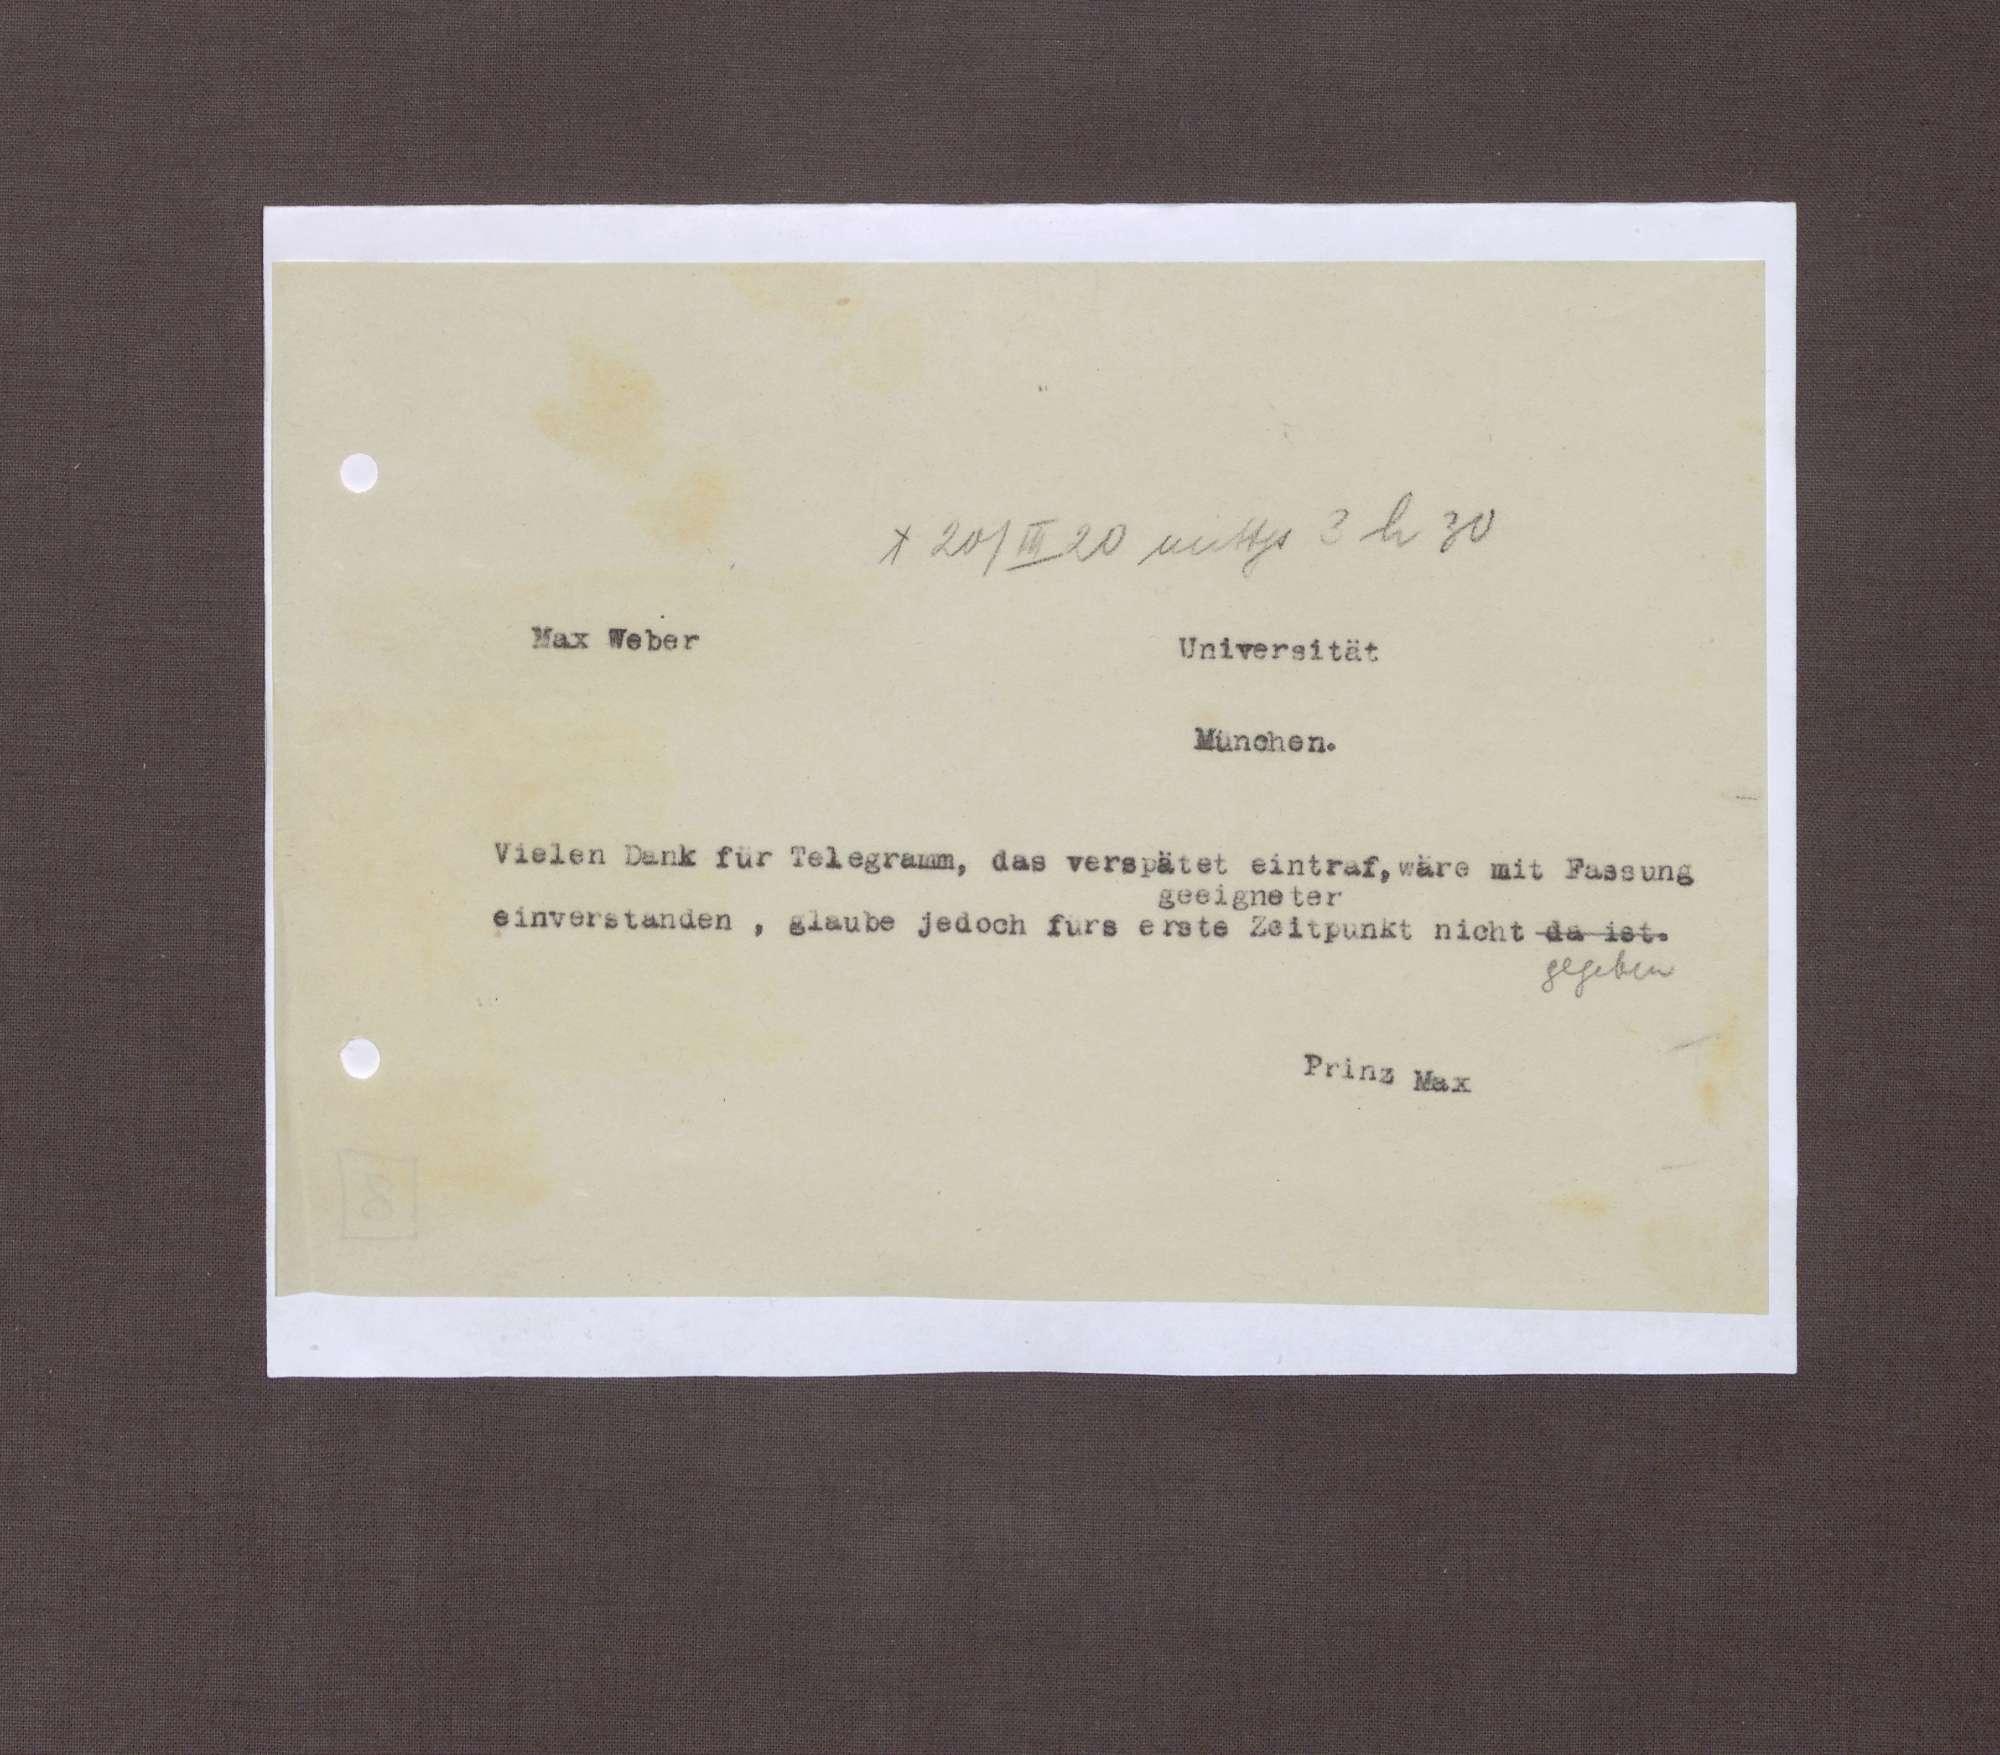 Nachricht von Prinz Max von Baden an Max Weber; Dank für ein Telegramm, Bild 1